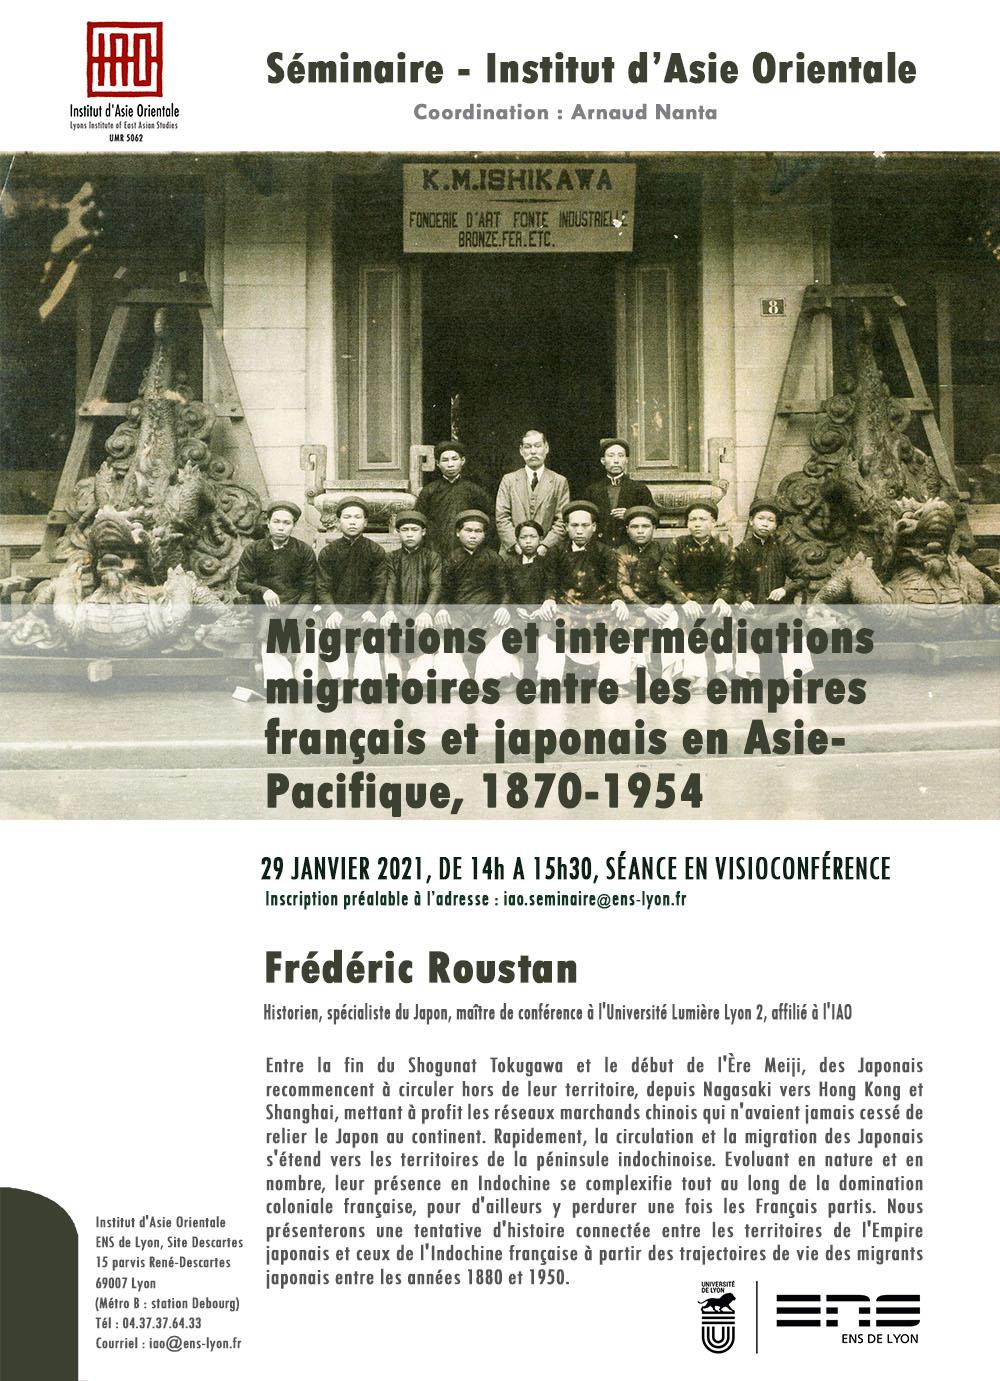 Séminaire de Frédéric Roustan